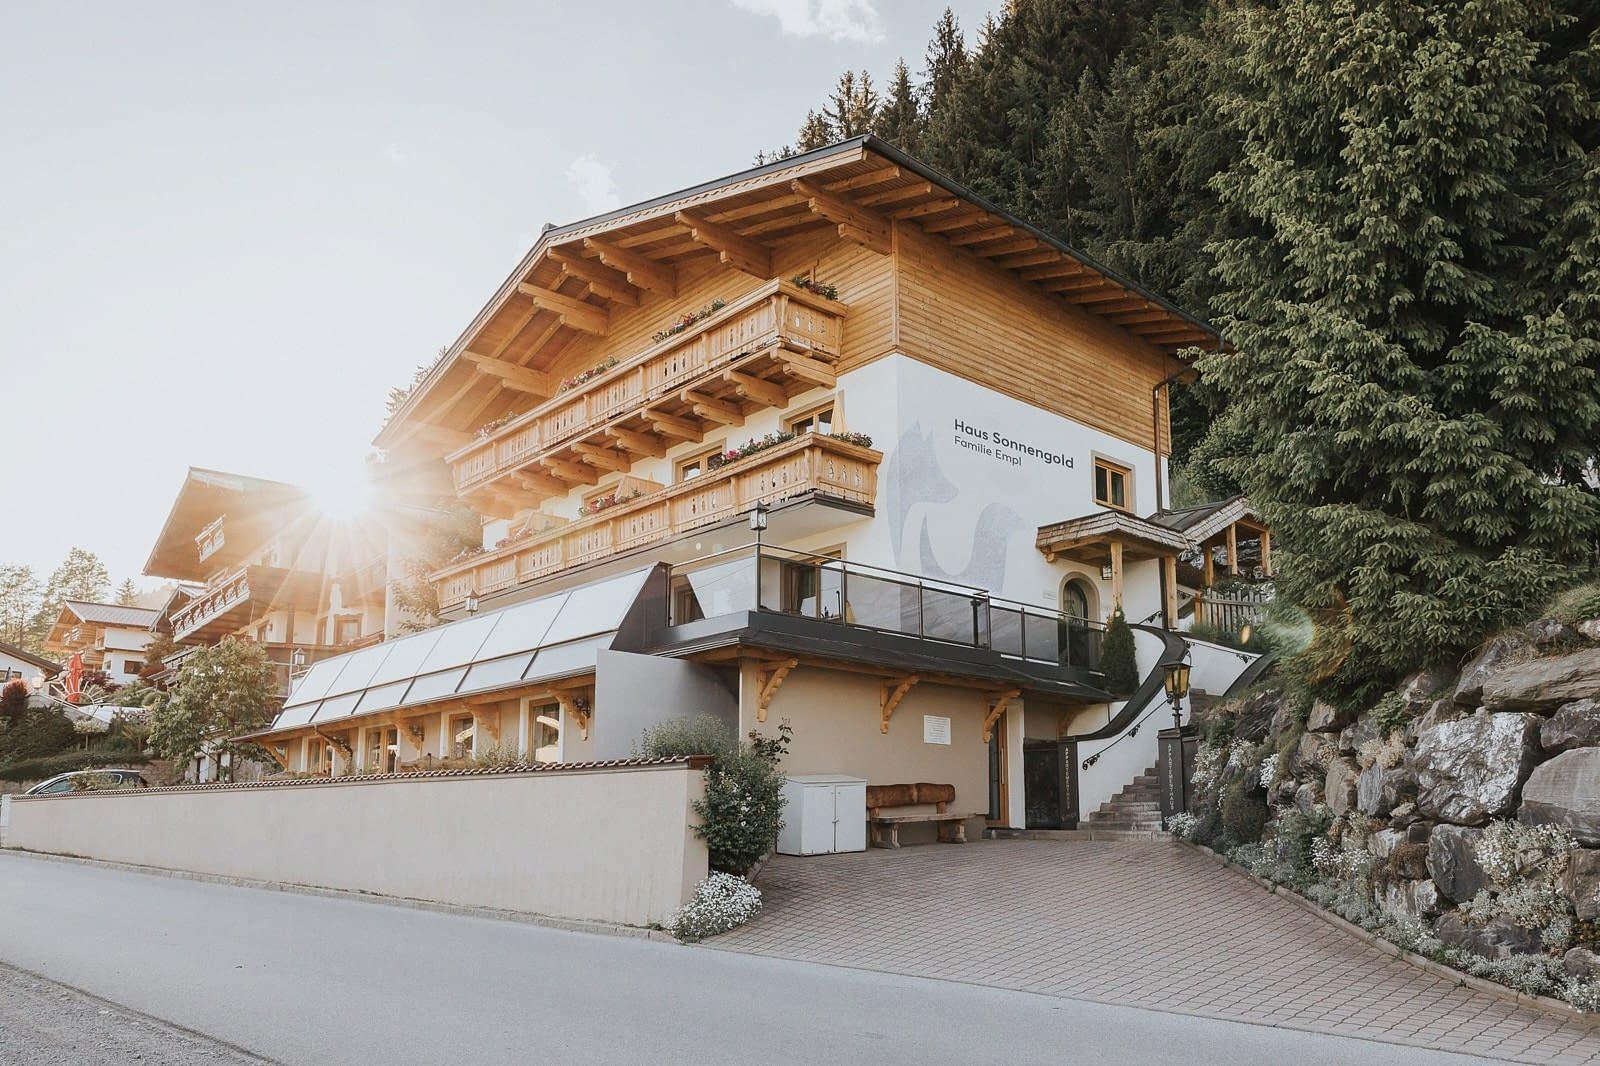 Außenansicht Haus Sonnengold